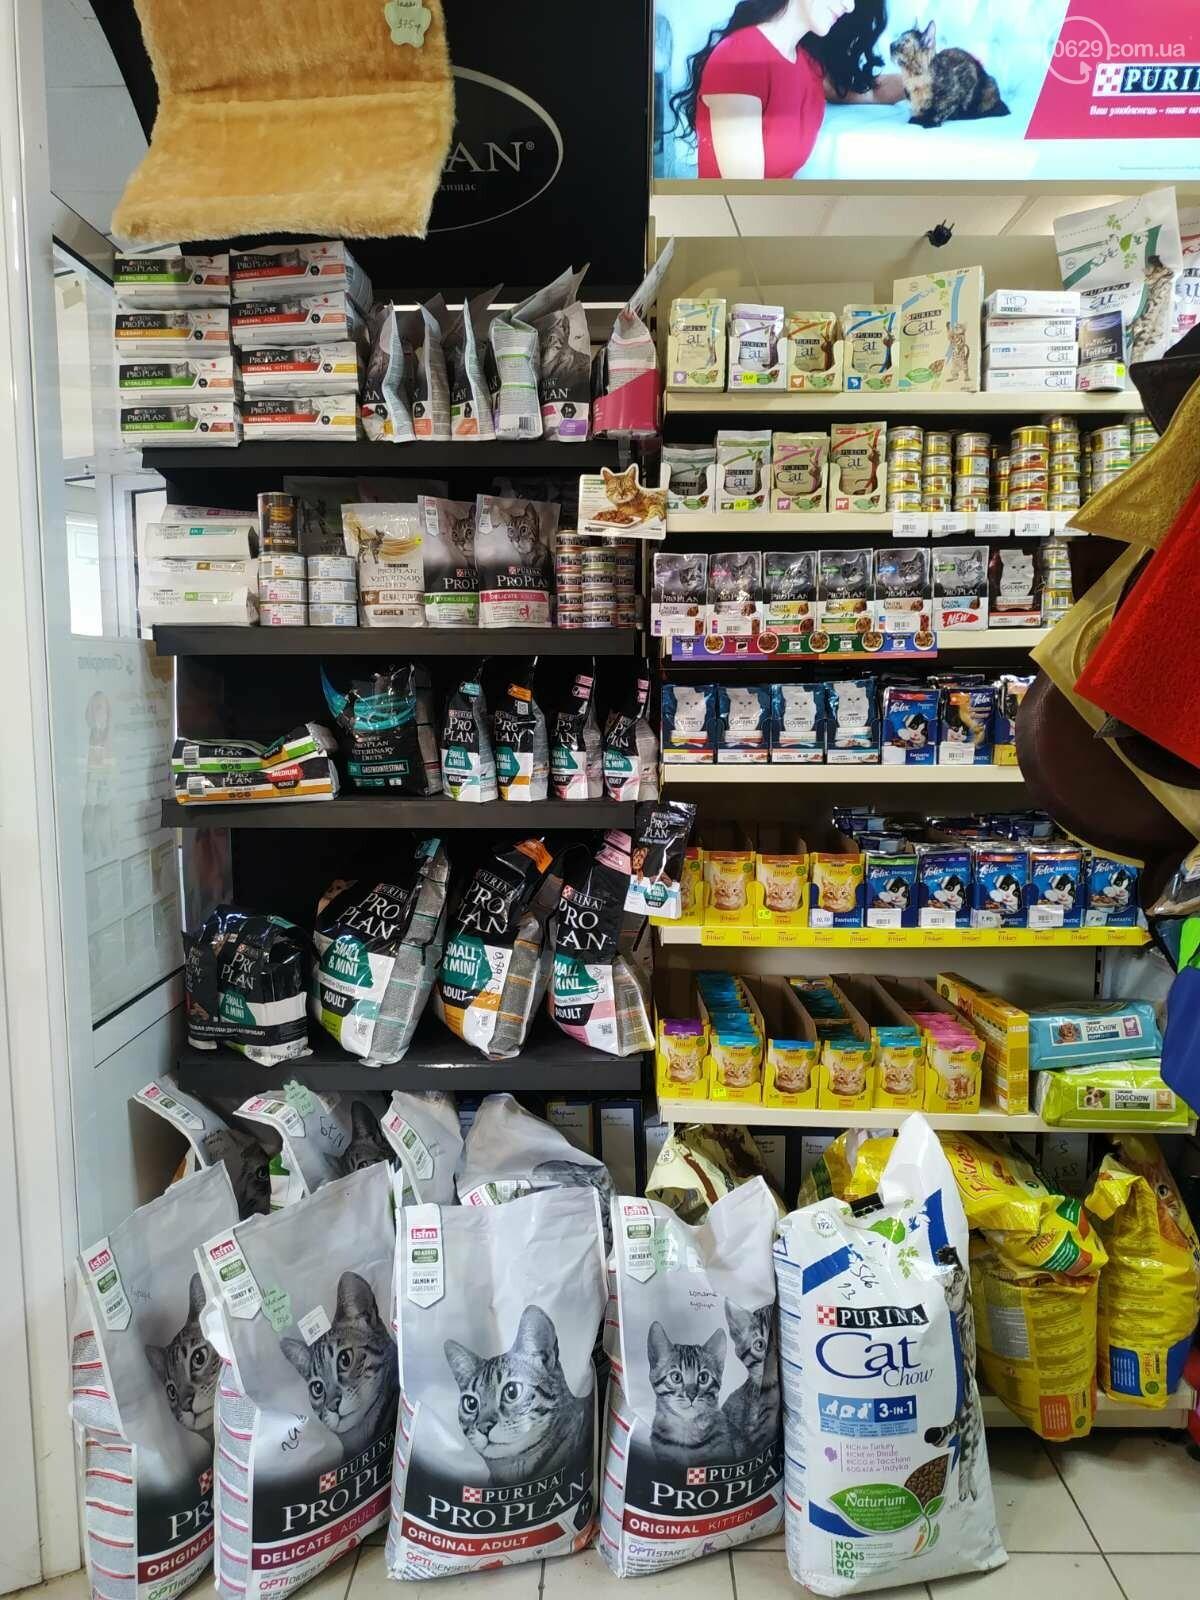 Зоомагазин - Ветаптека ХОМЯК – НАМ 1 ГОД!!! Дарим скидку до 20%, фото-9